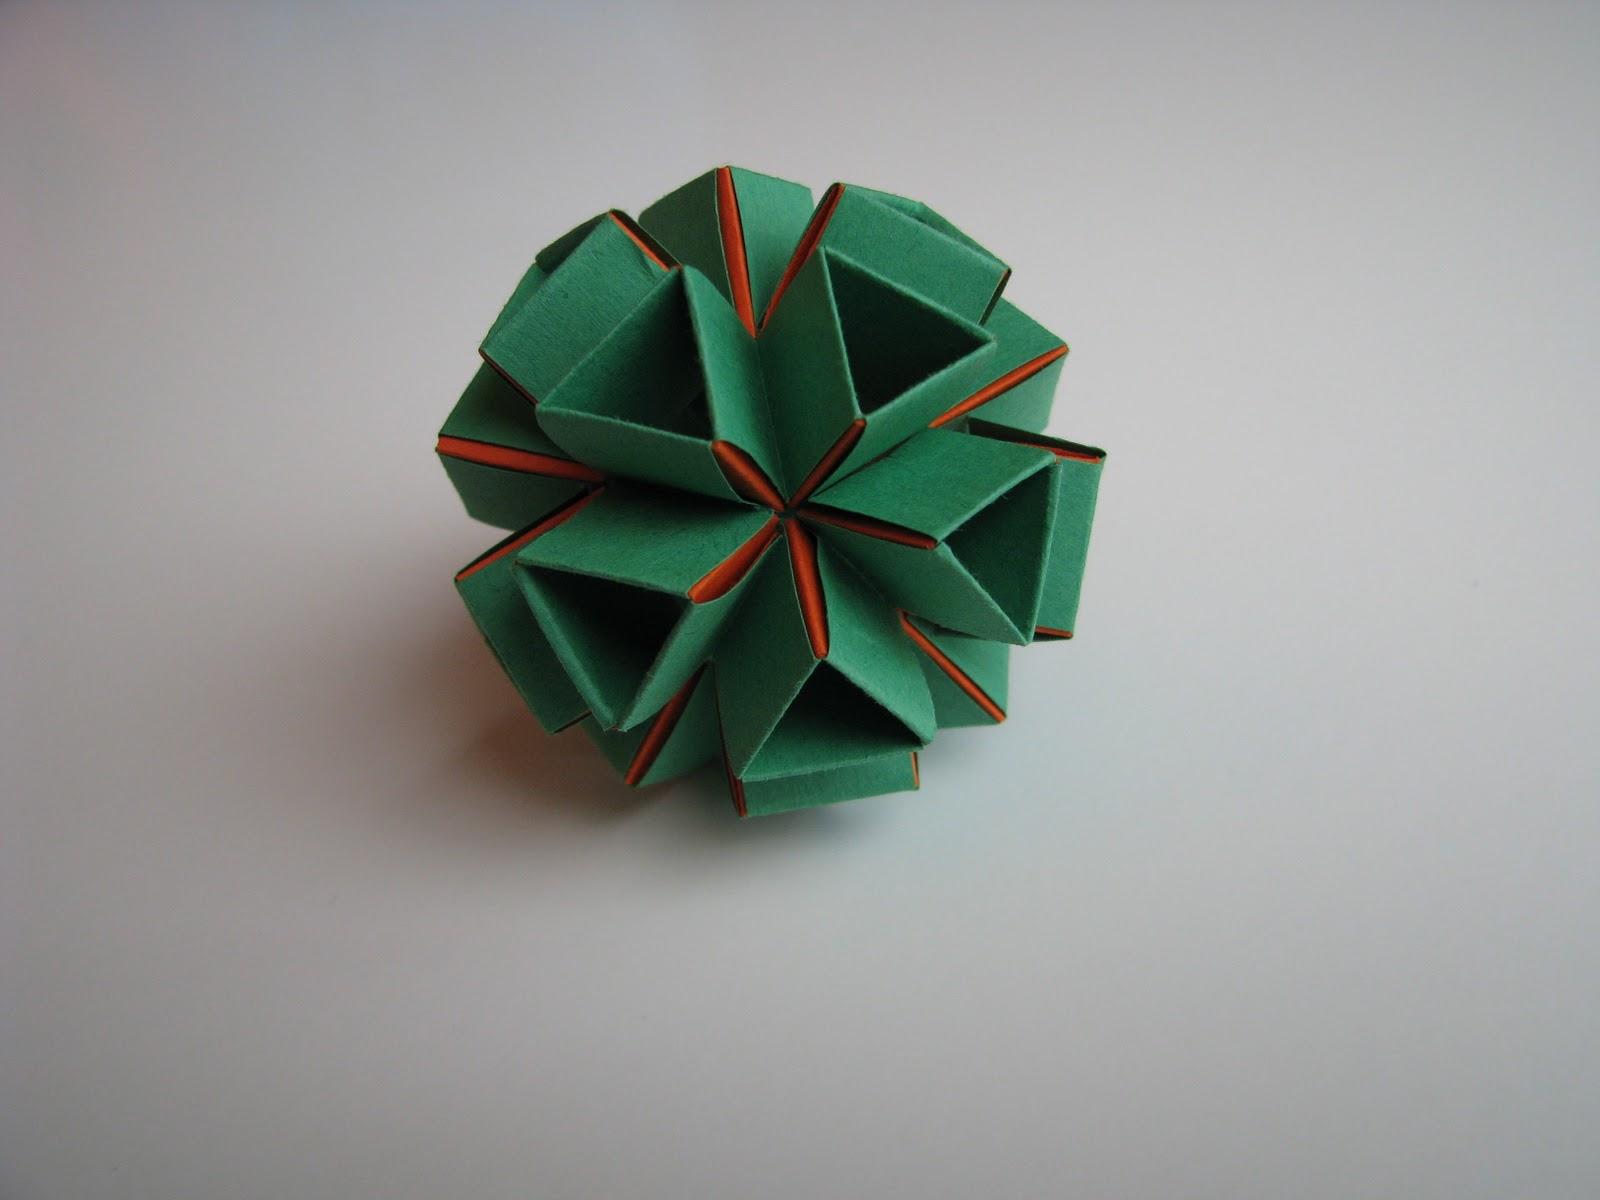 YouTube         Truncated Icosahedron  Origami       3      Icosahedron Origami